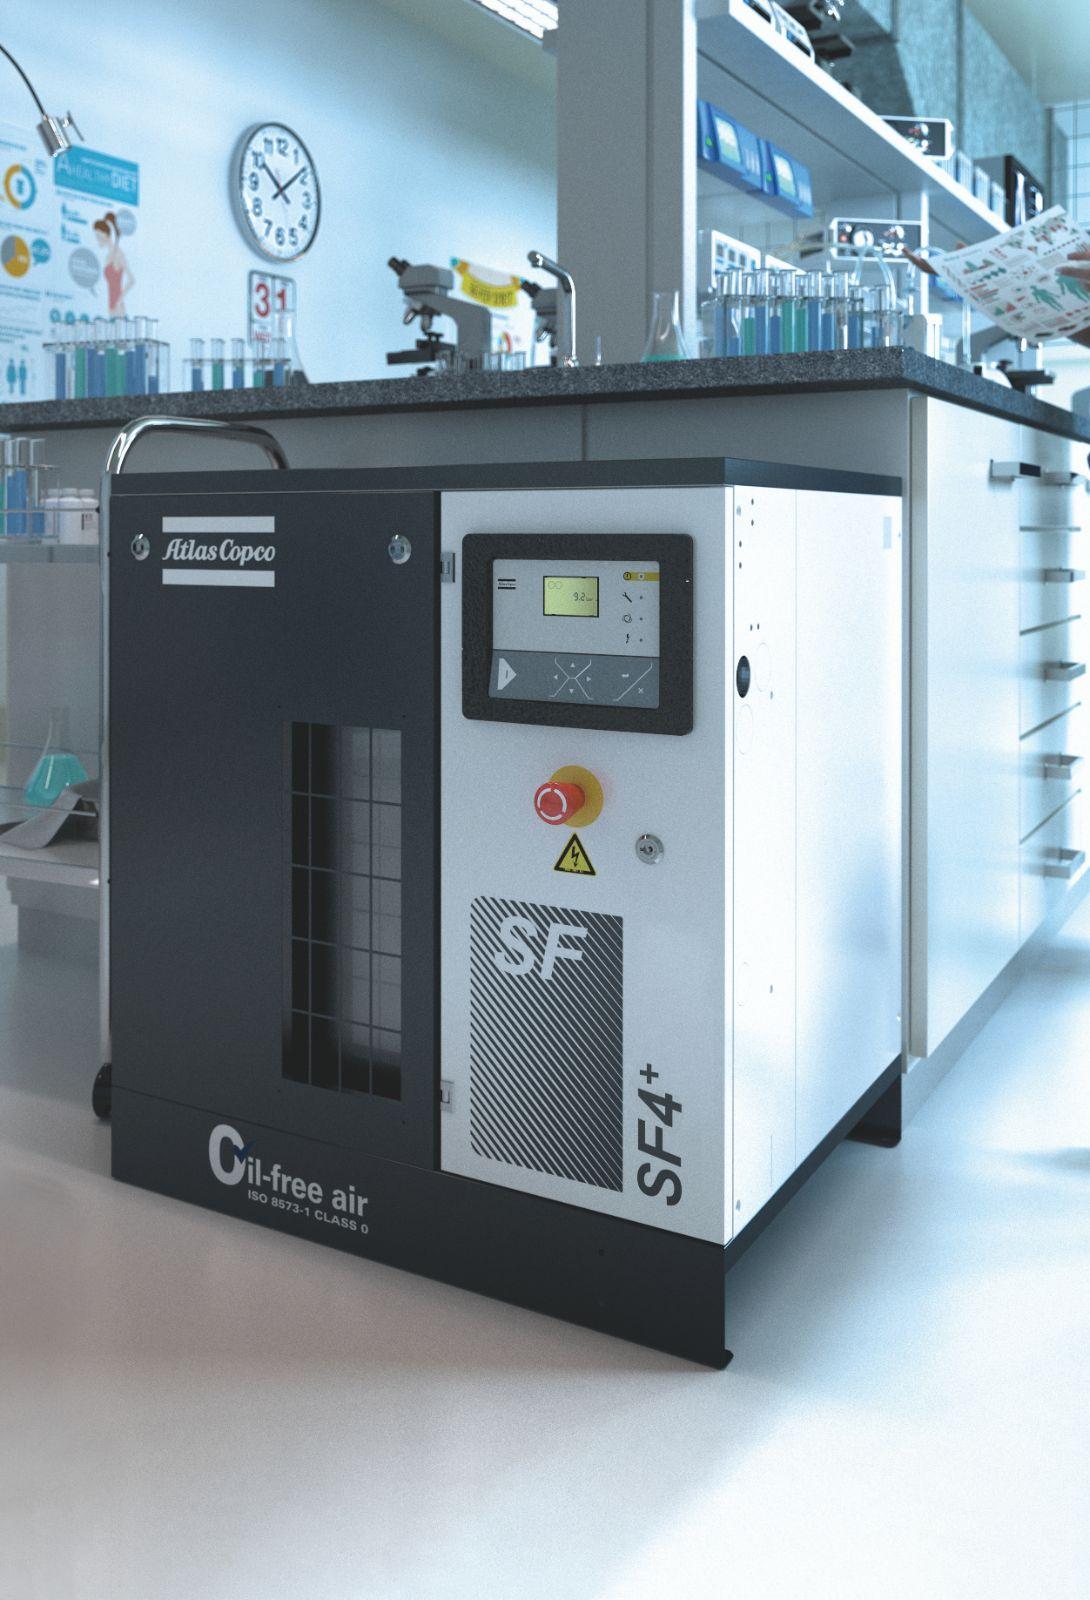 SF 和 SF+ 涡旋式无油空气压缩机